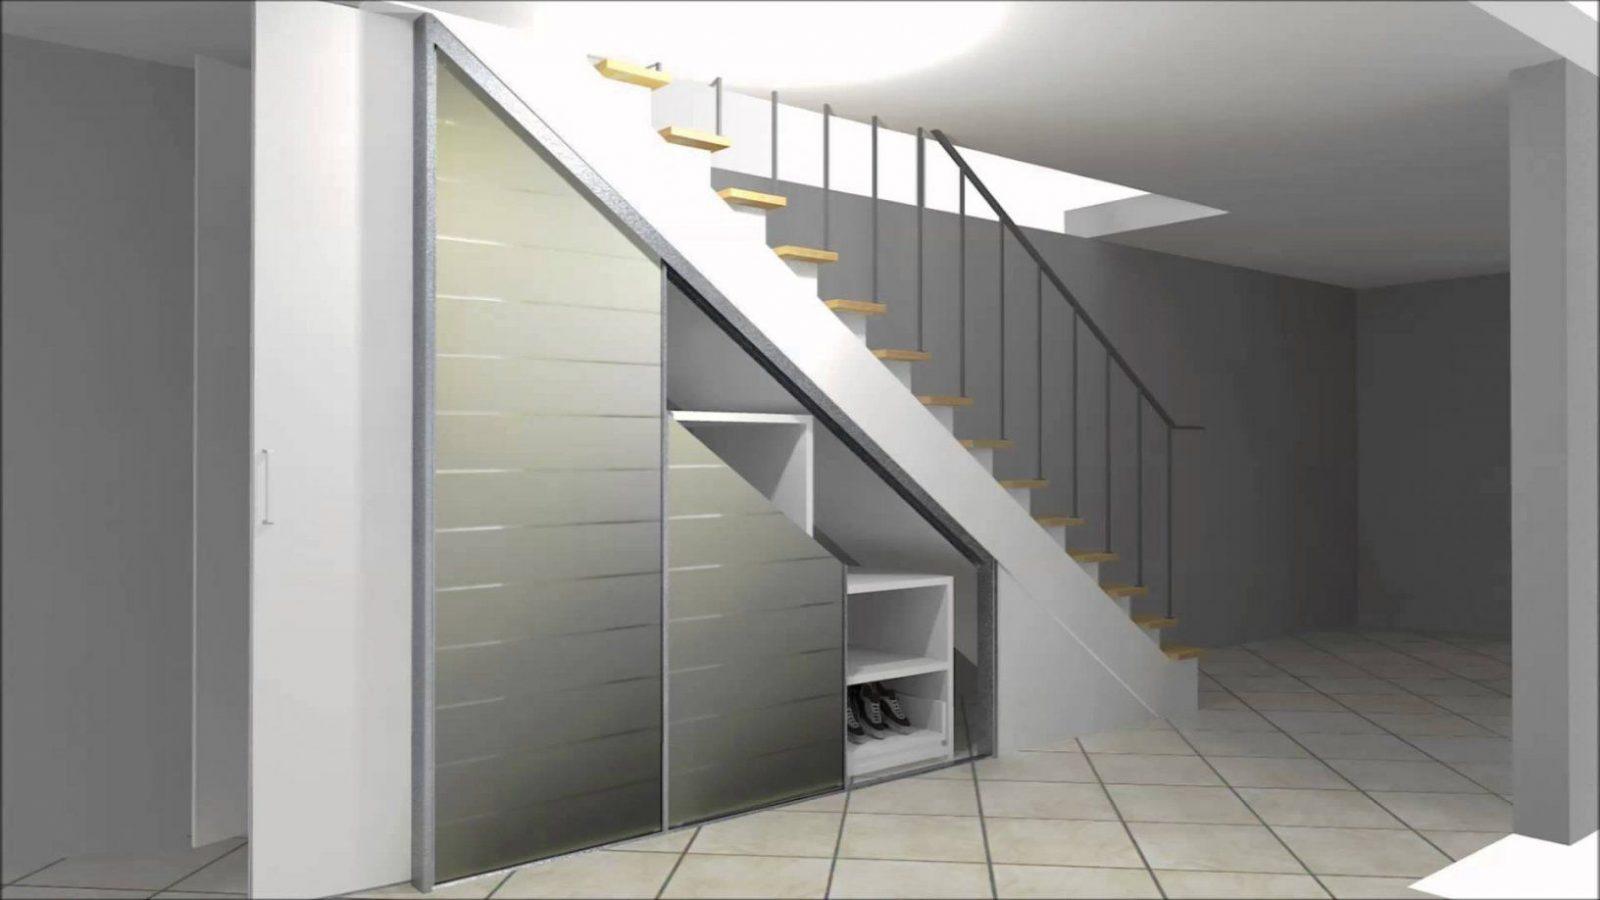 Cabinet Einbauschrank Zur Nutzung Von Stauraum Unter Einer Treppe von Schrank Unter Treppe Bauanleitung Photo